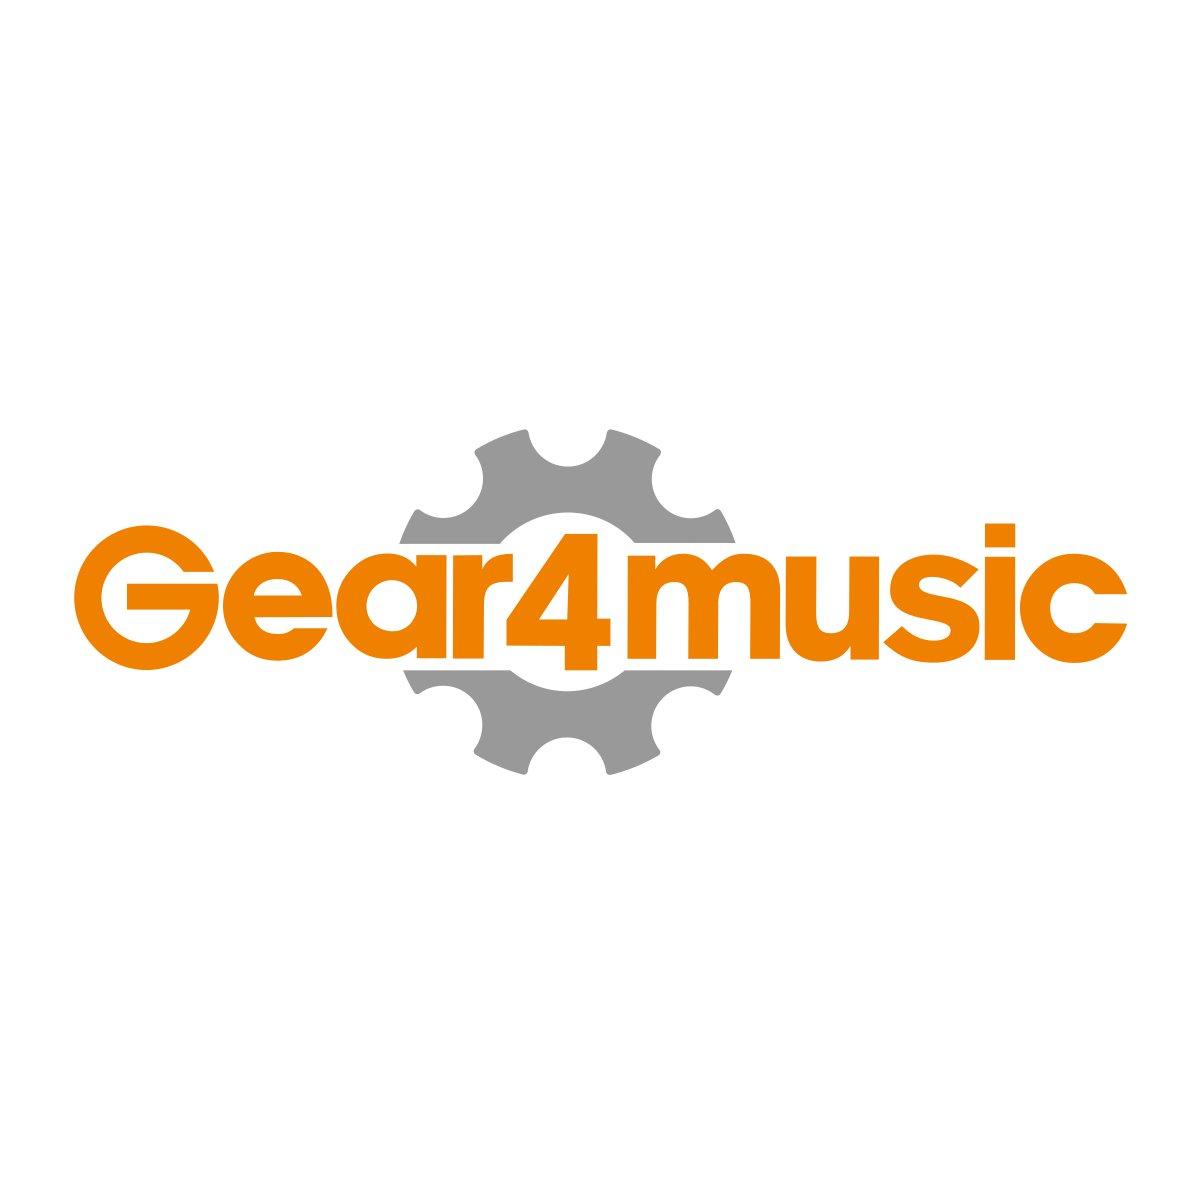 Dreadnought akustična kitara od Gear4music + komplet pribora, črna